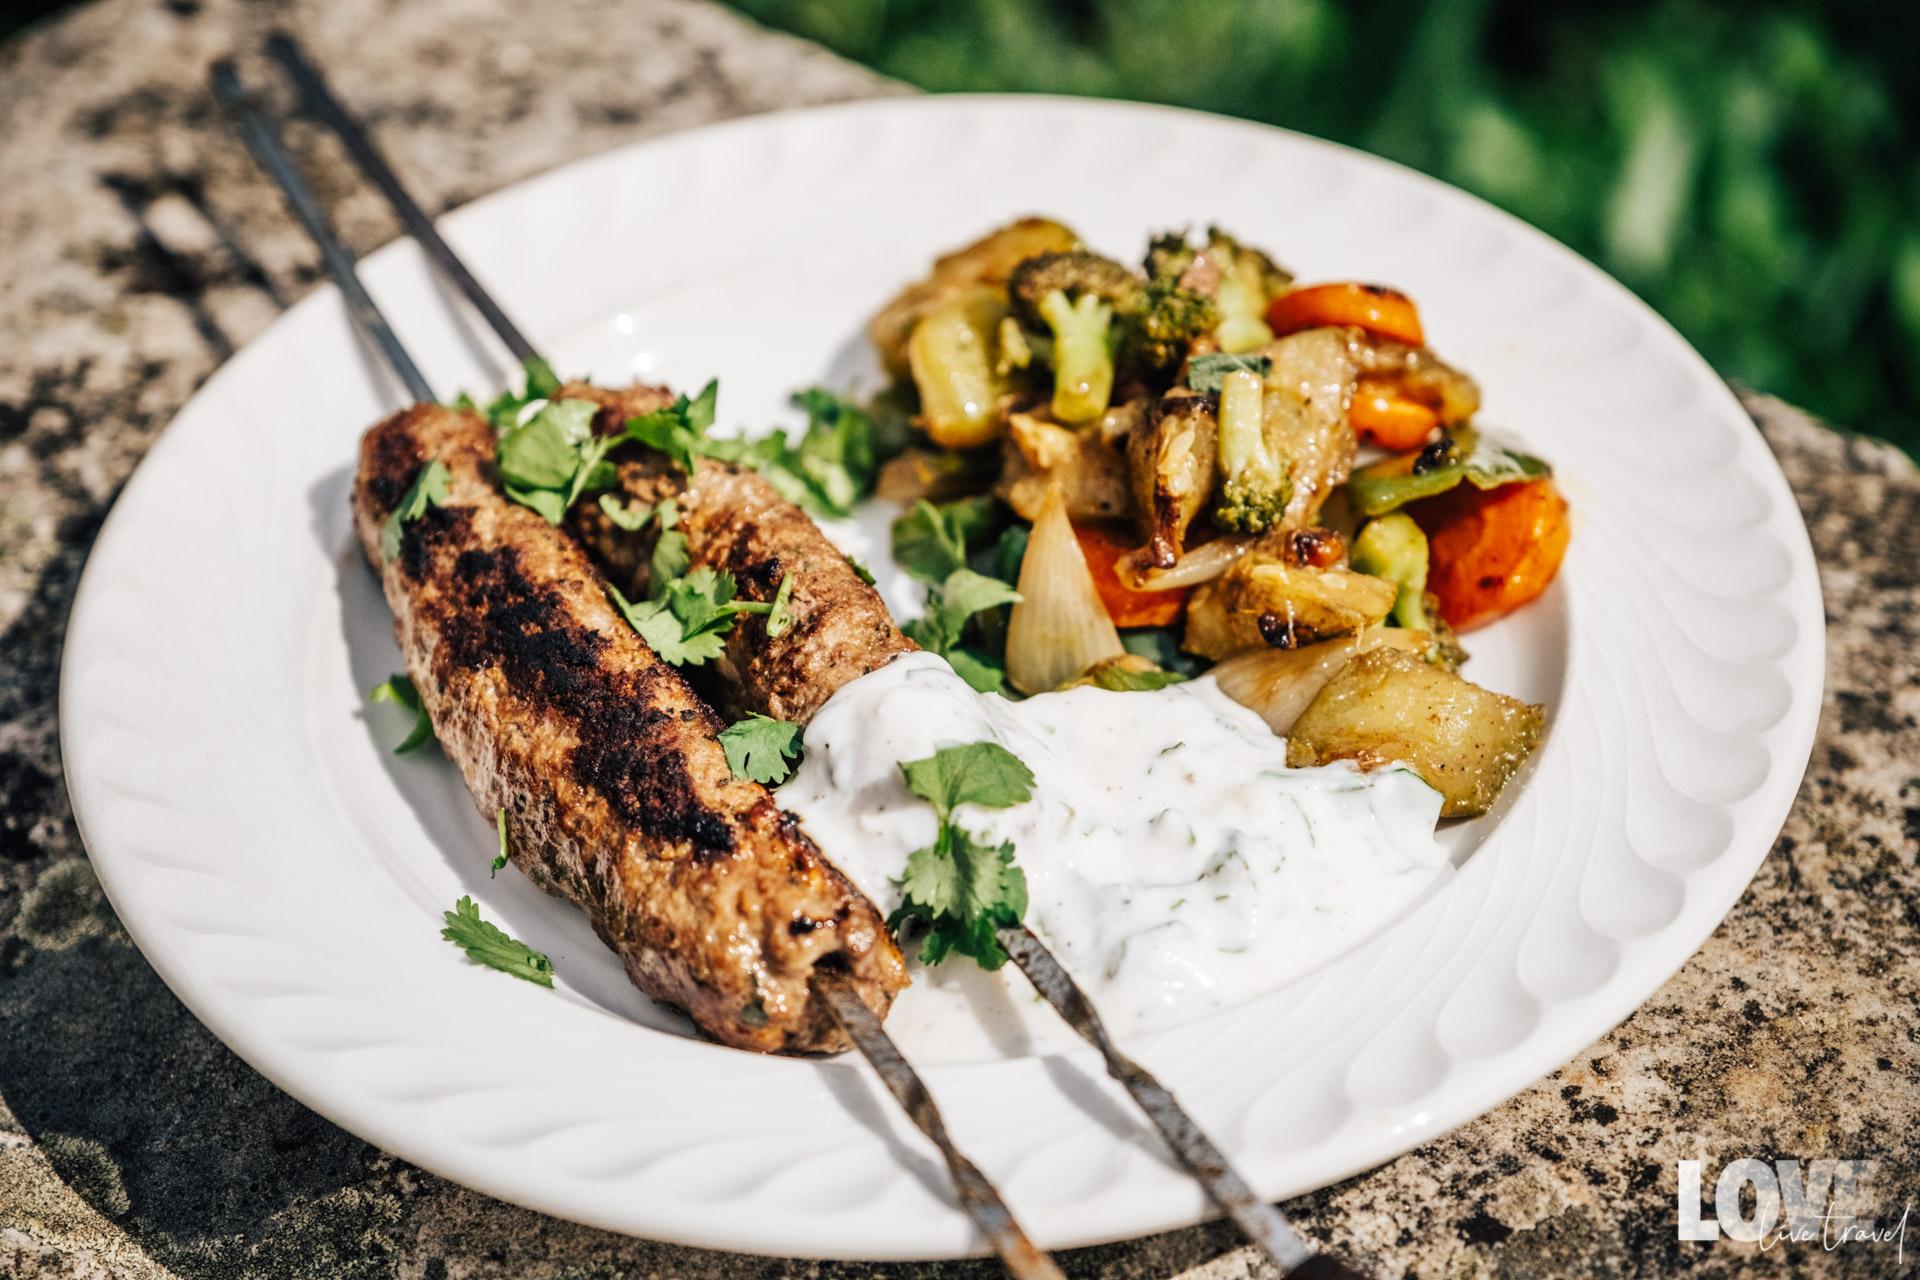 Recette des brochettes de kefta, sauce blanche et légumes sautés